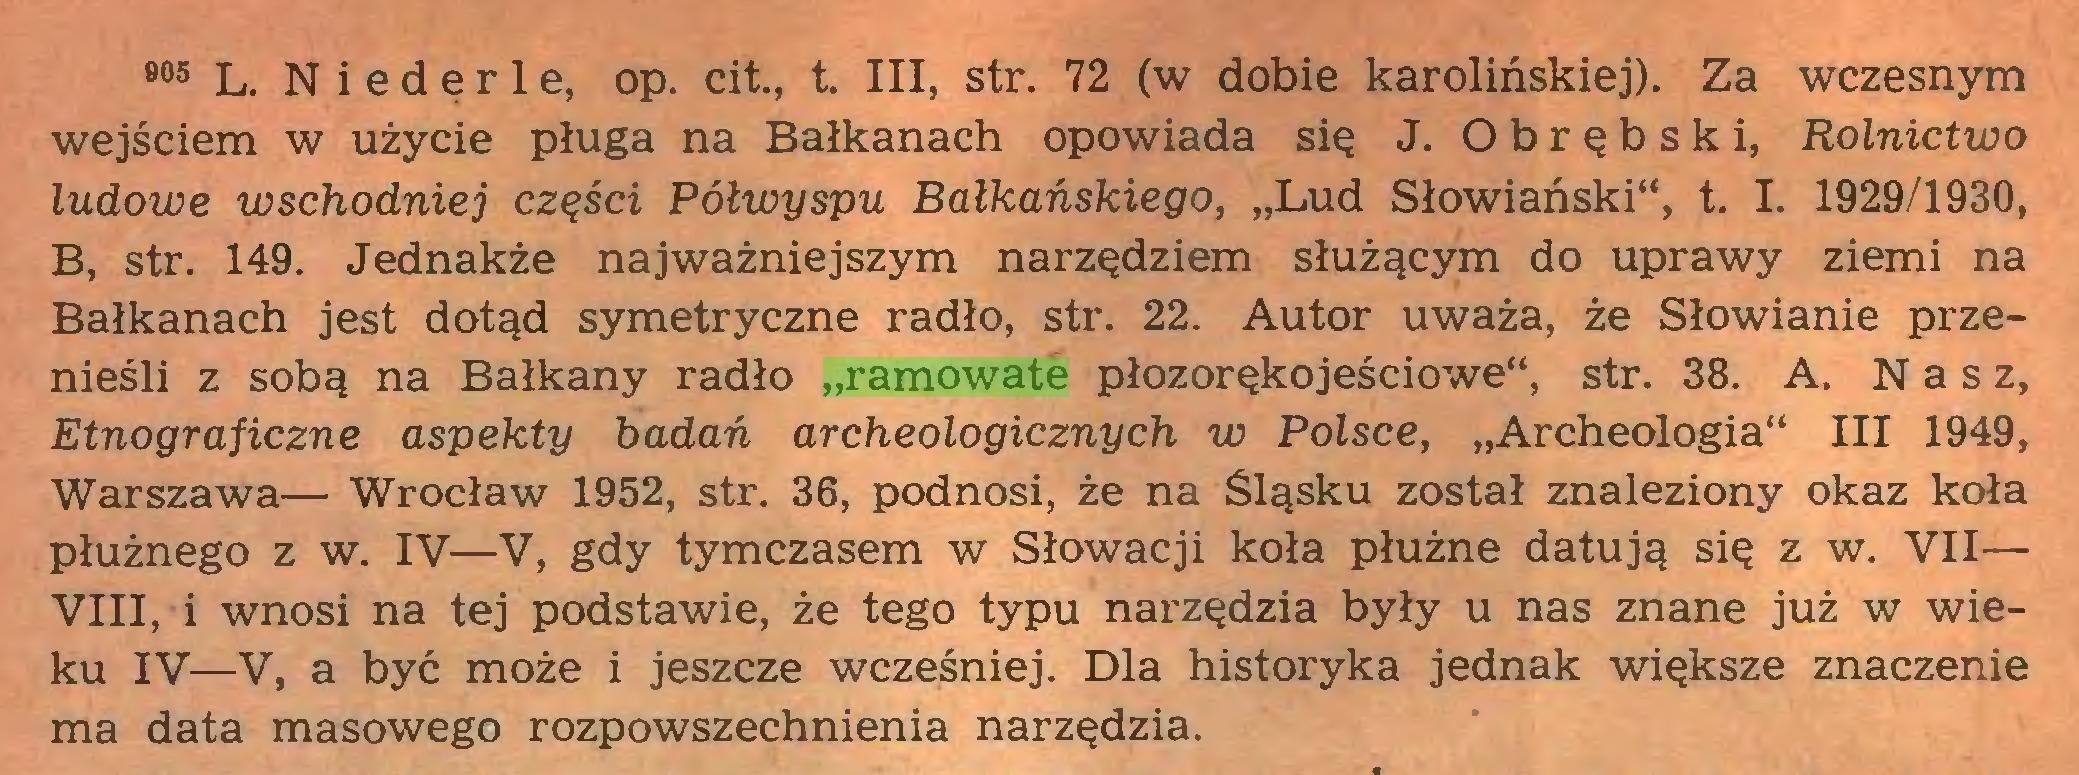 """(...) 905 L. N i e d ę r 1 e, op. cit., t. III, str. 72 (w dobie karolińskiej). Za wczesnym wejściem w użycie pługa na Bałkanach opowiada się J. O b r ę b s k i, Rolnictwo ludowe wschodniej części Półwyspu Bałkańskiego, """"Lud Słowiański"""", t. I. 1929/1930, B, str. 149. Jednakże najważniejszym narzędziem służącym do uprawy ziemi na Bałkanach jest dotąd symetryczne radło, str. 22. Autor uważa, że Słowianie przenieśli z sobą na Bałkany radło """"ramowate płozorękojeściowe"""", str. 38. A. Nasz, Etnograficzne aspekty badań archeologicznych w Polsce, """"Archeologia"""" III 1949, Warszawa— Wrocław 1952, str. 36, podnosi, że na Śląsku został znaleziony okaz koła płużnego z w. IV—V, gdy tymczasem w Słowacji koła płużne datują się z w. VII— VIII, i wnosi na tej podstawie, że tego typu narzędzia były u nas znane już w wieku IV—V, a być może i jeszcze wcześniej. Dla historyka jednak większe znaczenie ma data masowego rozpowszechnienia narzędzia..."""